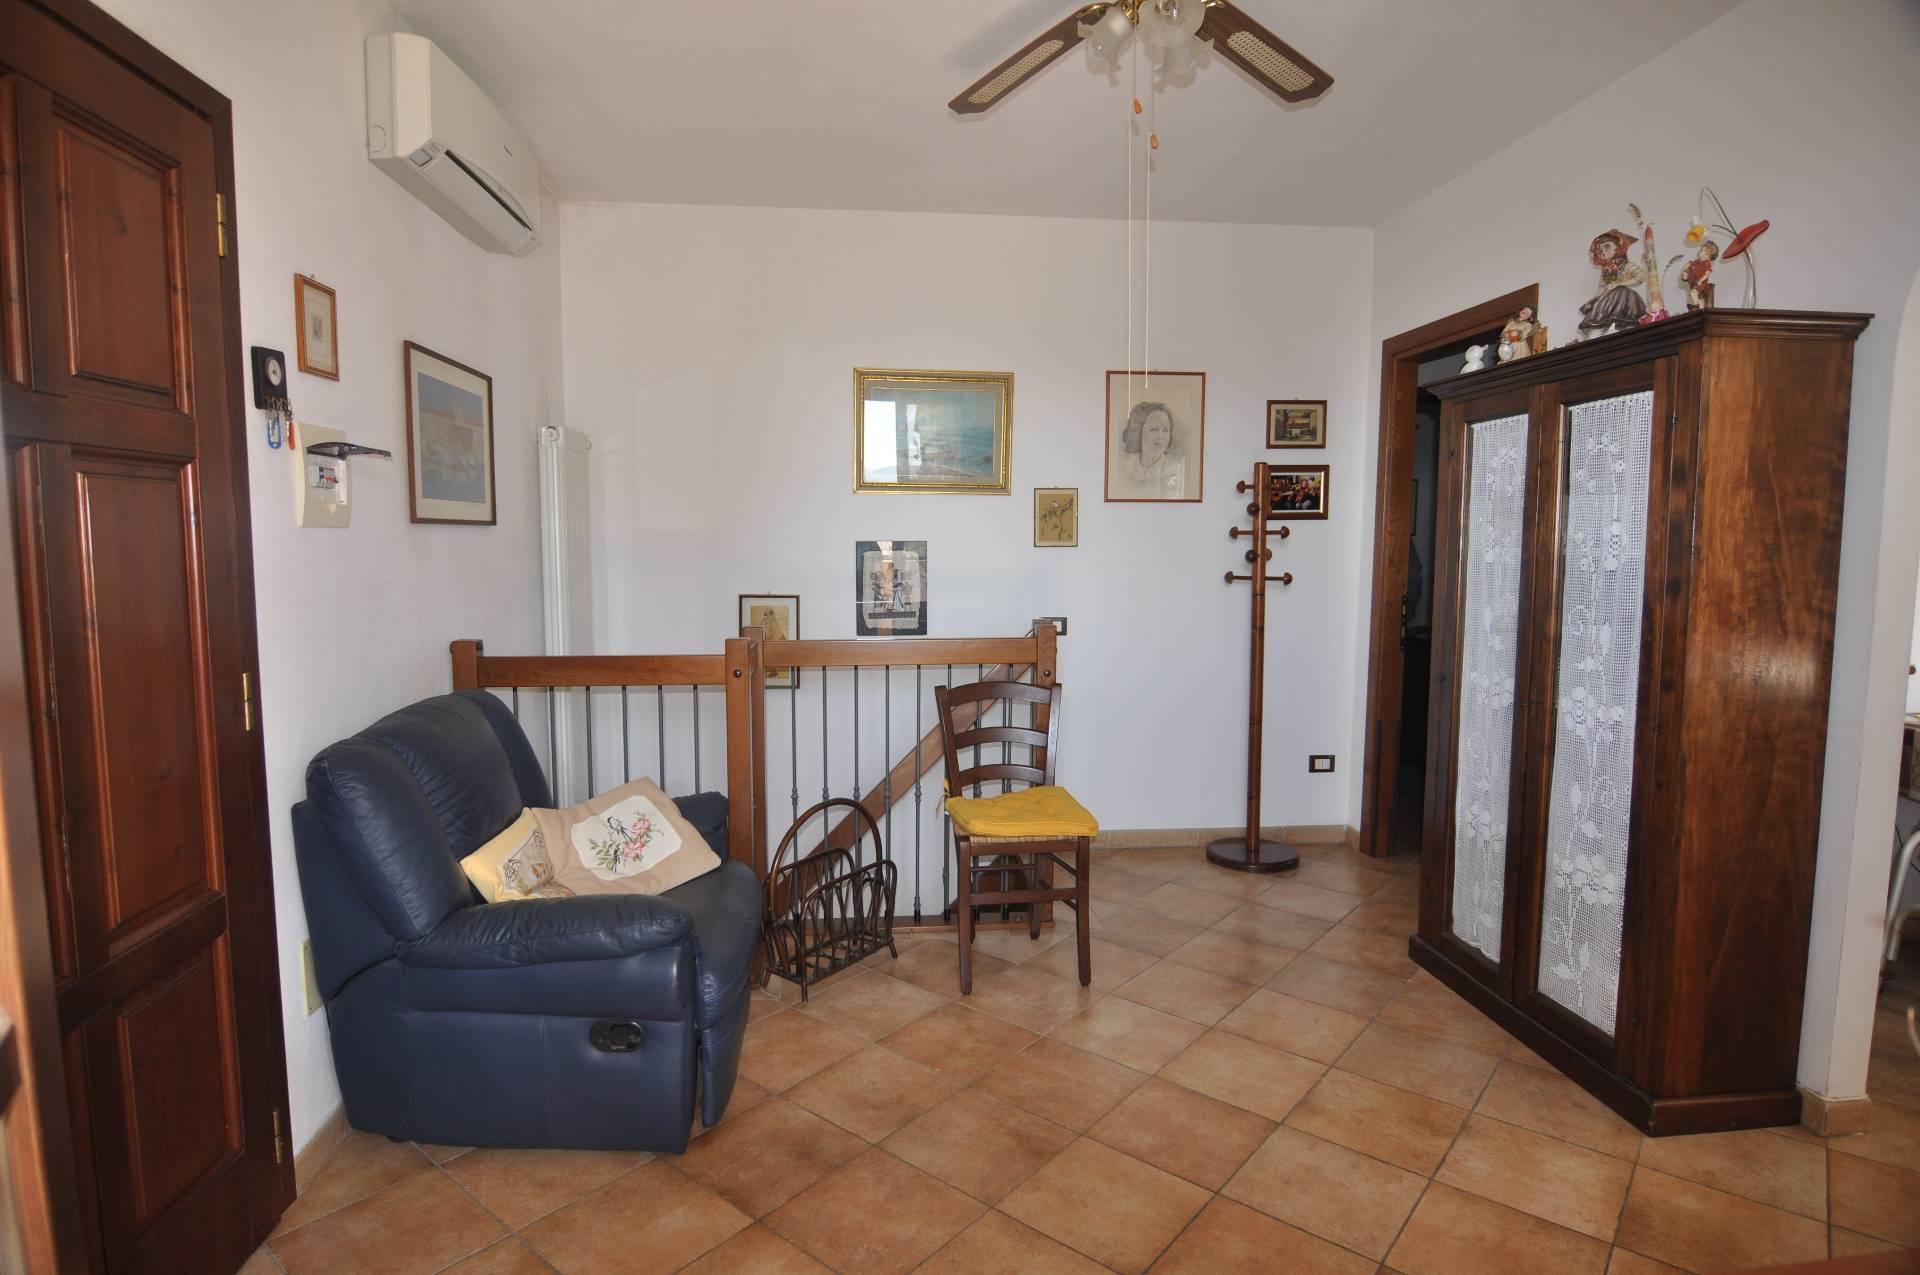 Soluzione Indipendente in affitto a Cecina, 4 locali, prezzo € 700 | CambioCasa.it